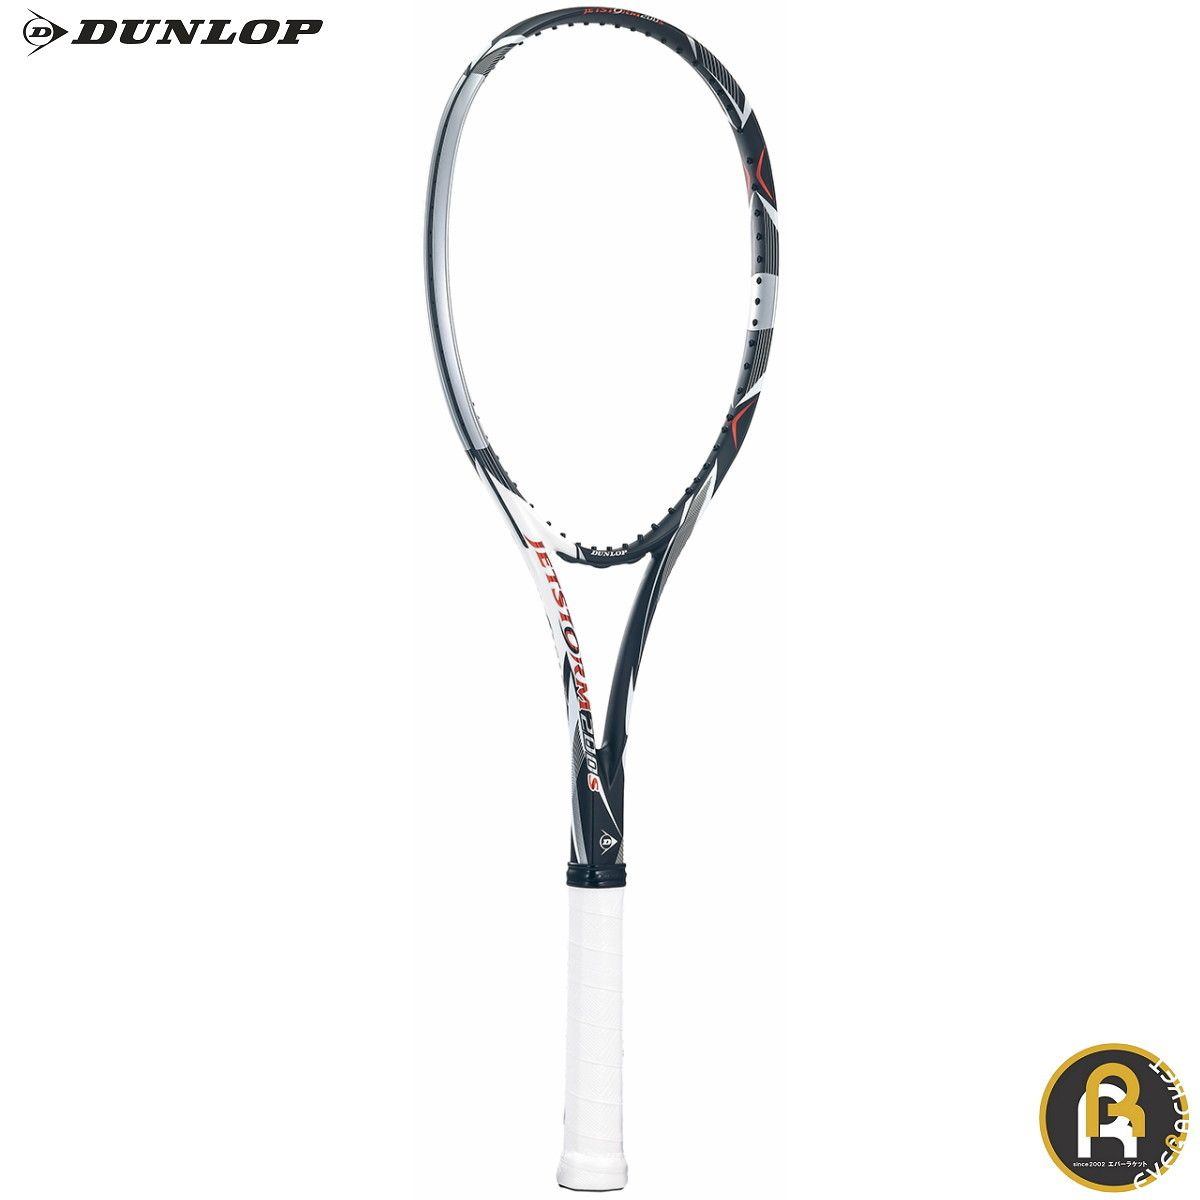 ダンロップ ダンロップスポーツ ソフトテニスラケット 20JETSTORM200S DS42000 DS-42000 ソフトテニス